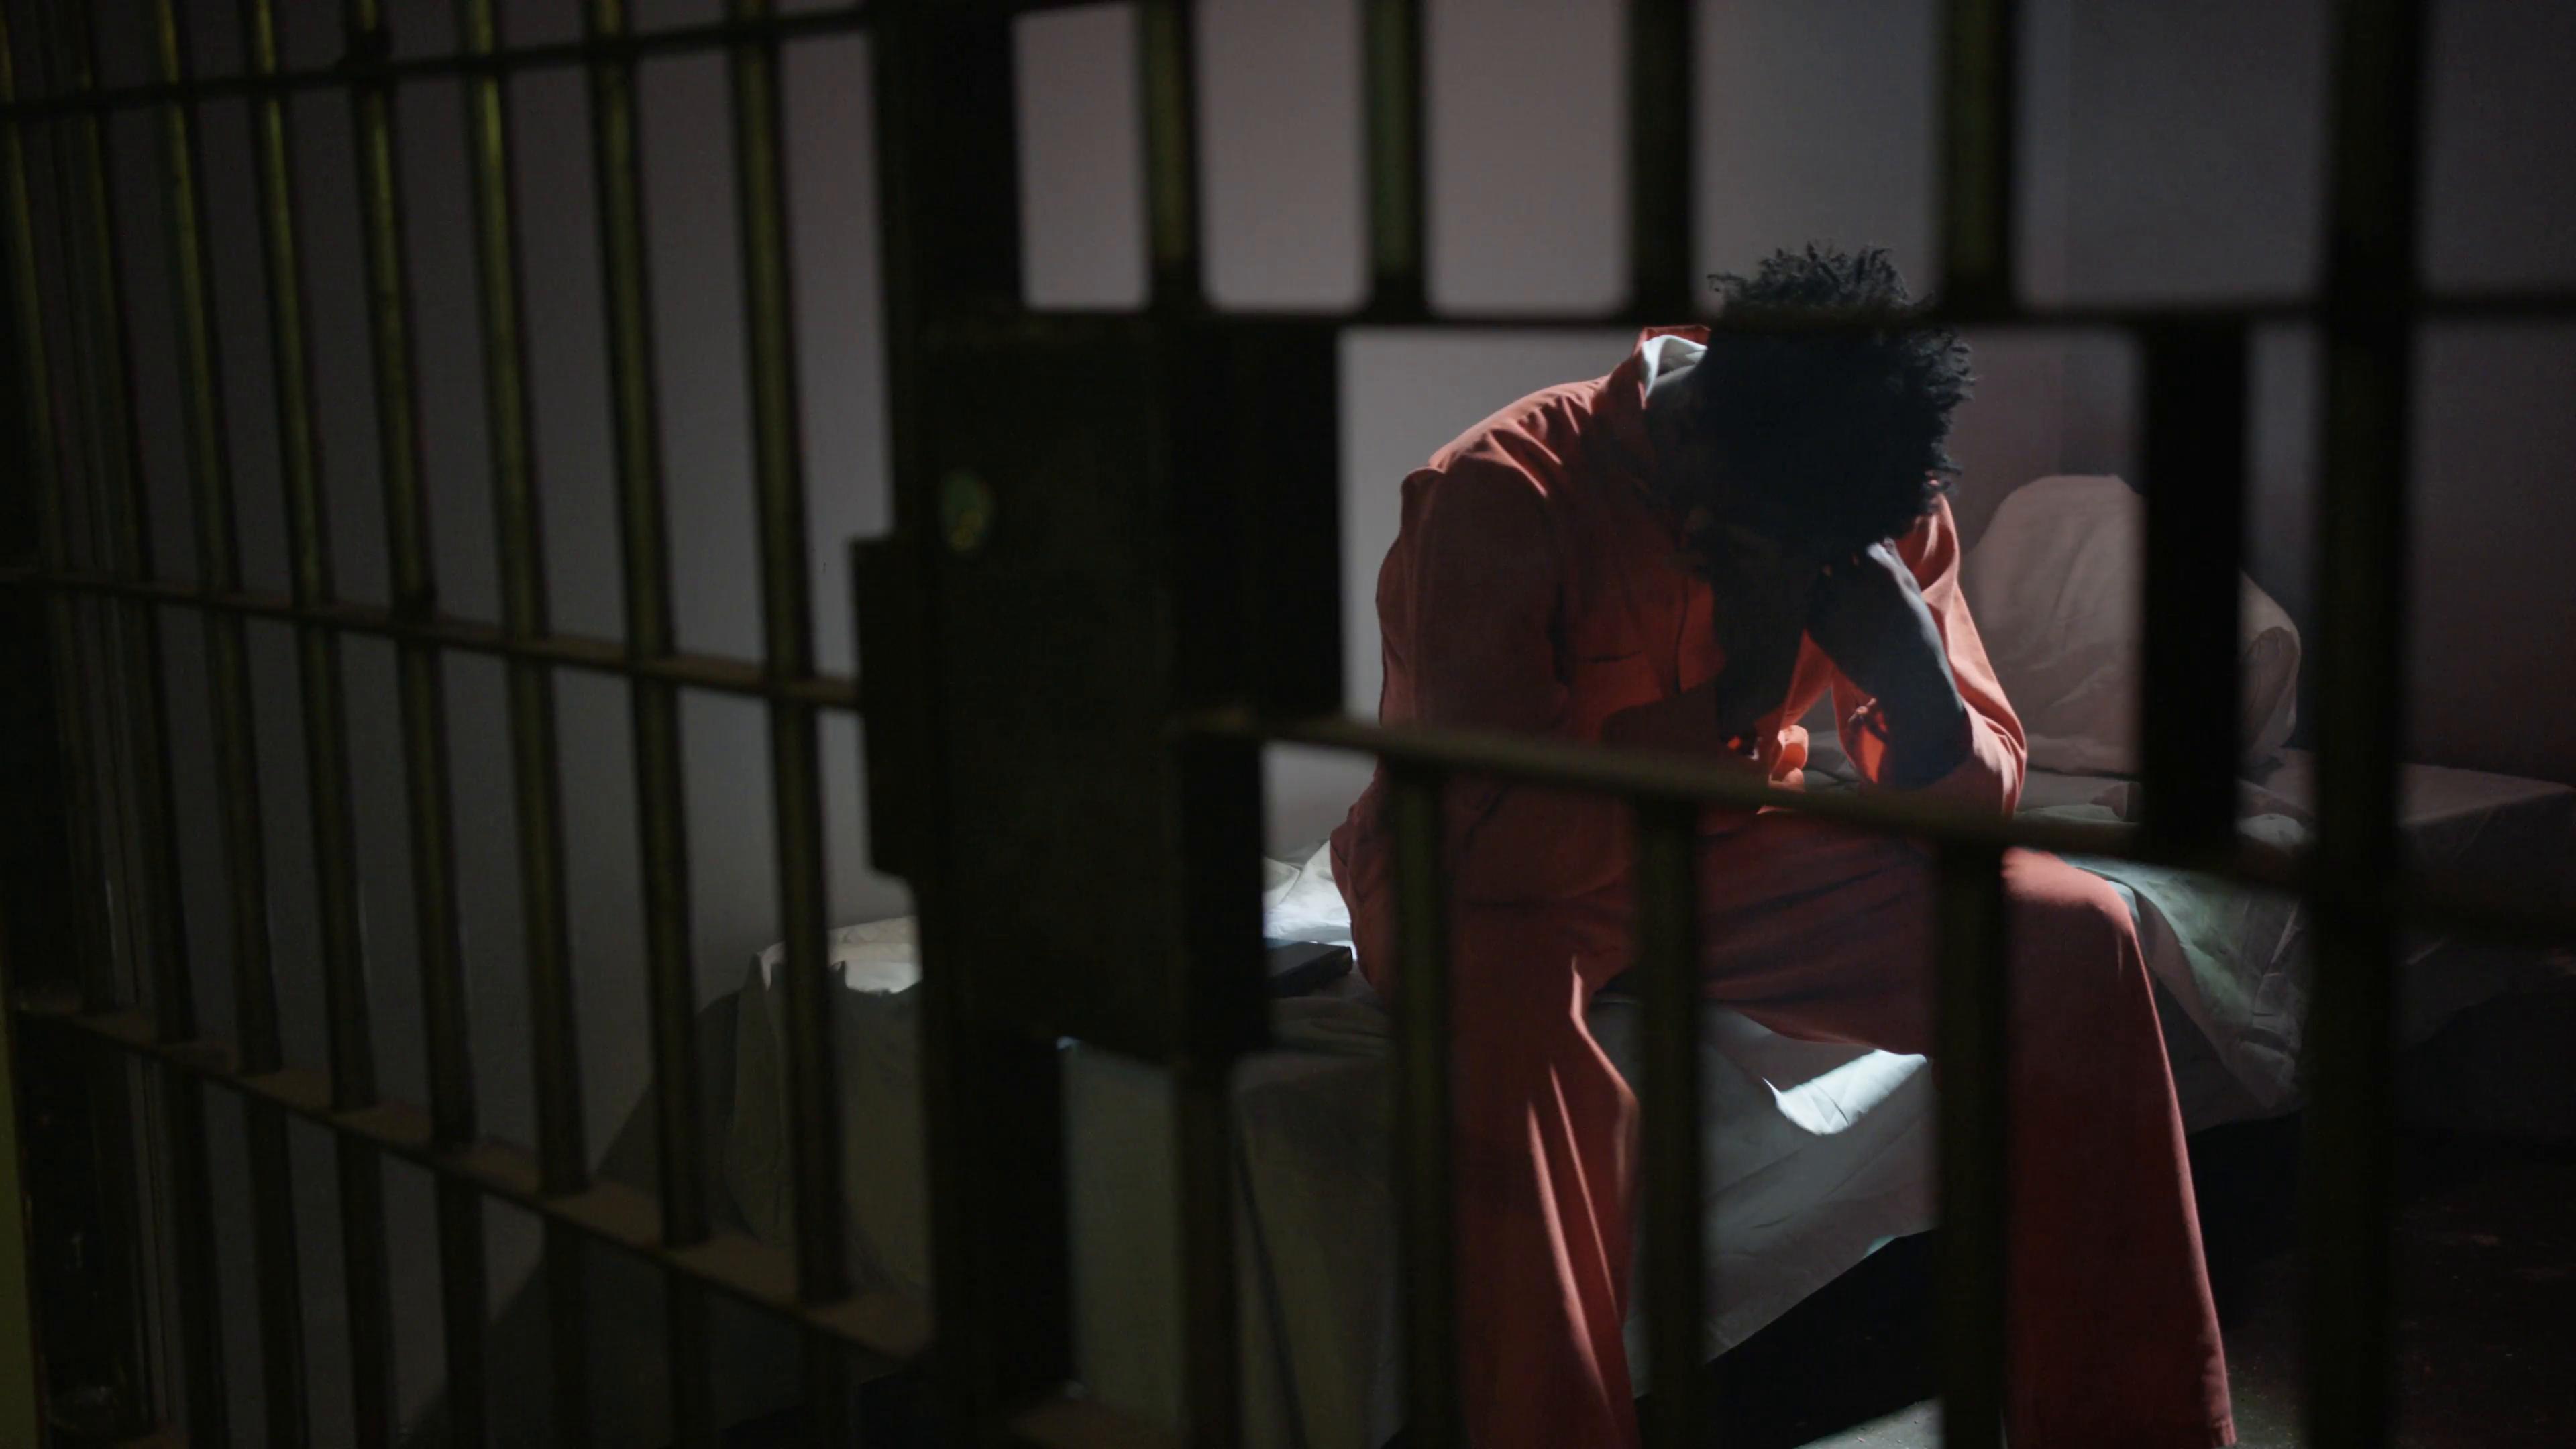 Rüyada Yeni Hapiste Çok Yatan Yakın Birinin Afla Çıktığını Geldiğini Görmek